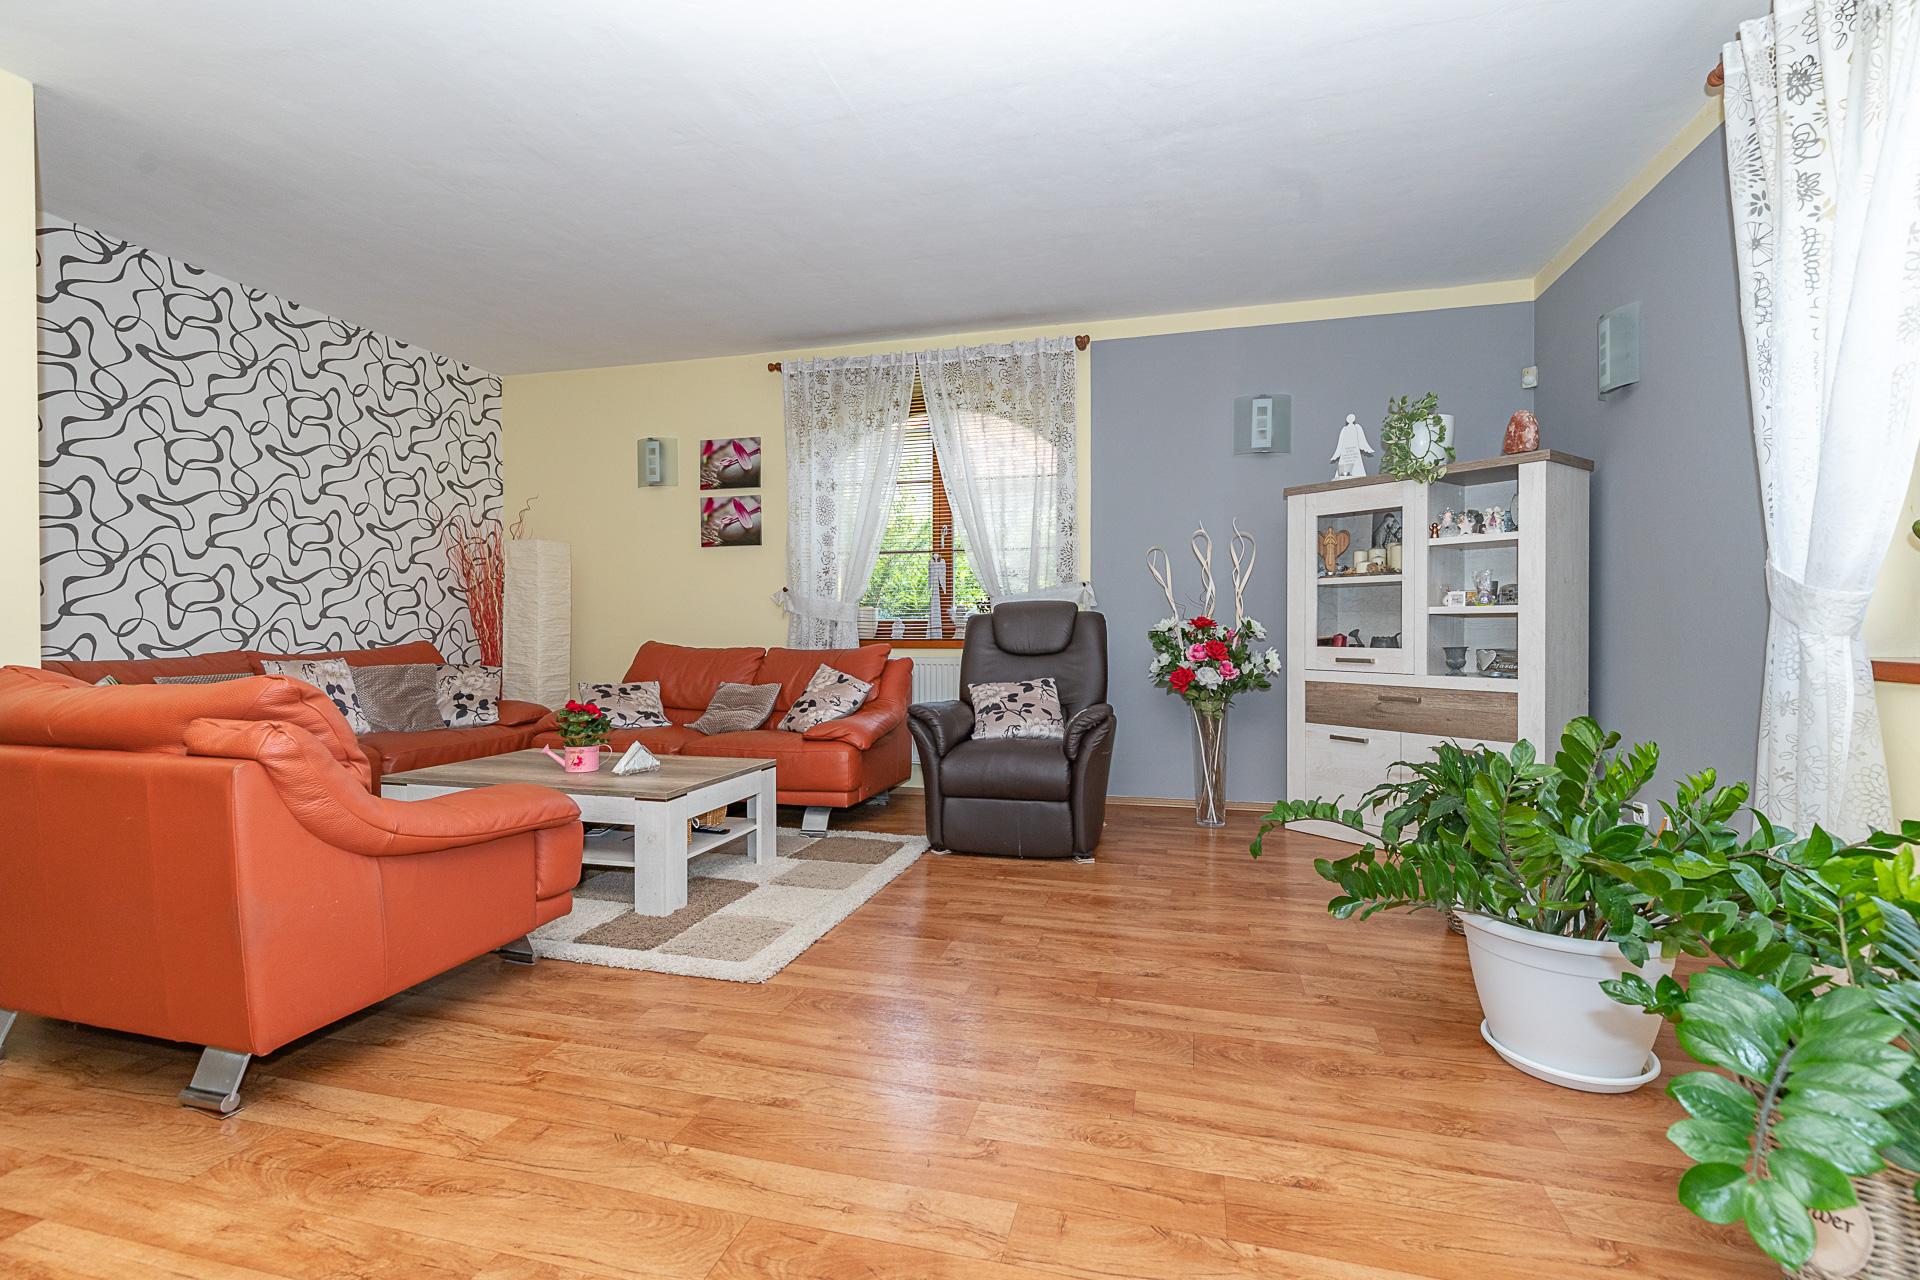 obývací pokoj s TV, oknem, gauči, konefernční stolek a květiny